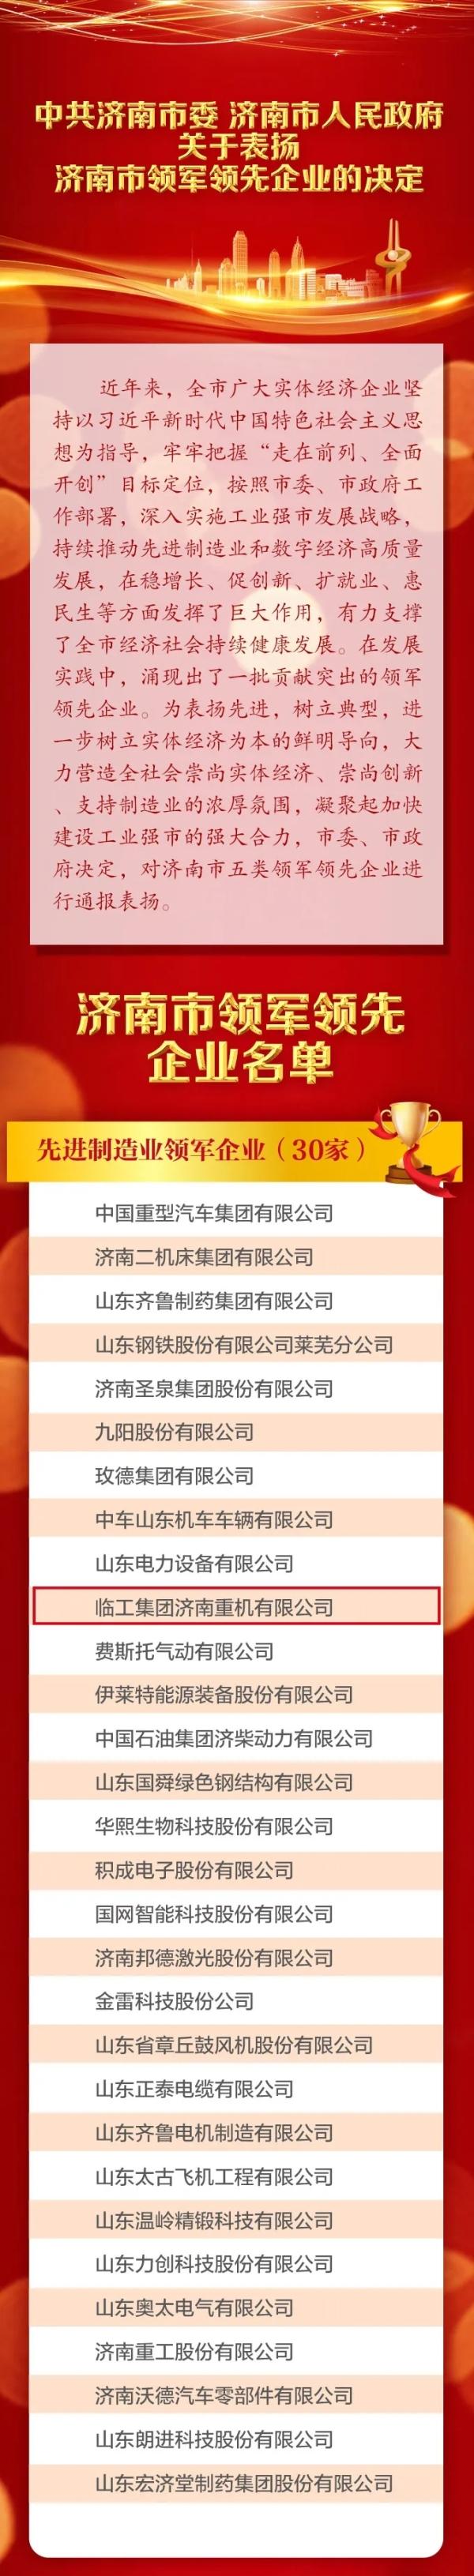 临工重机入列济南市先进制造业领军企业表彰名单